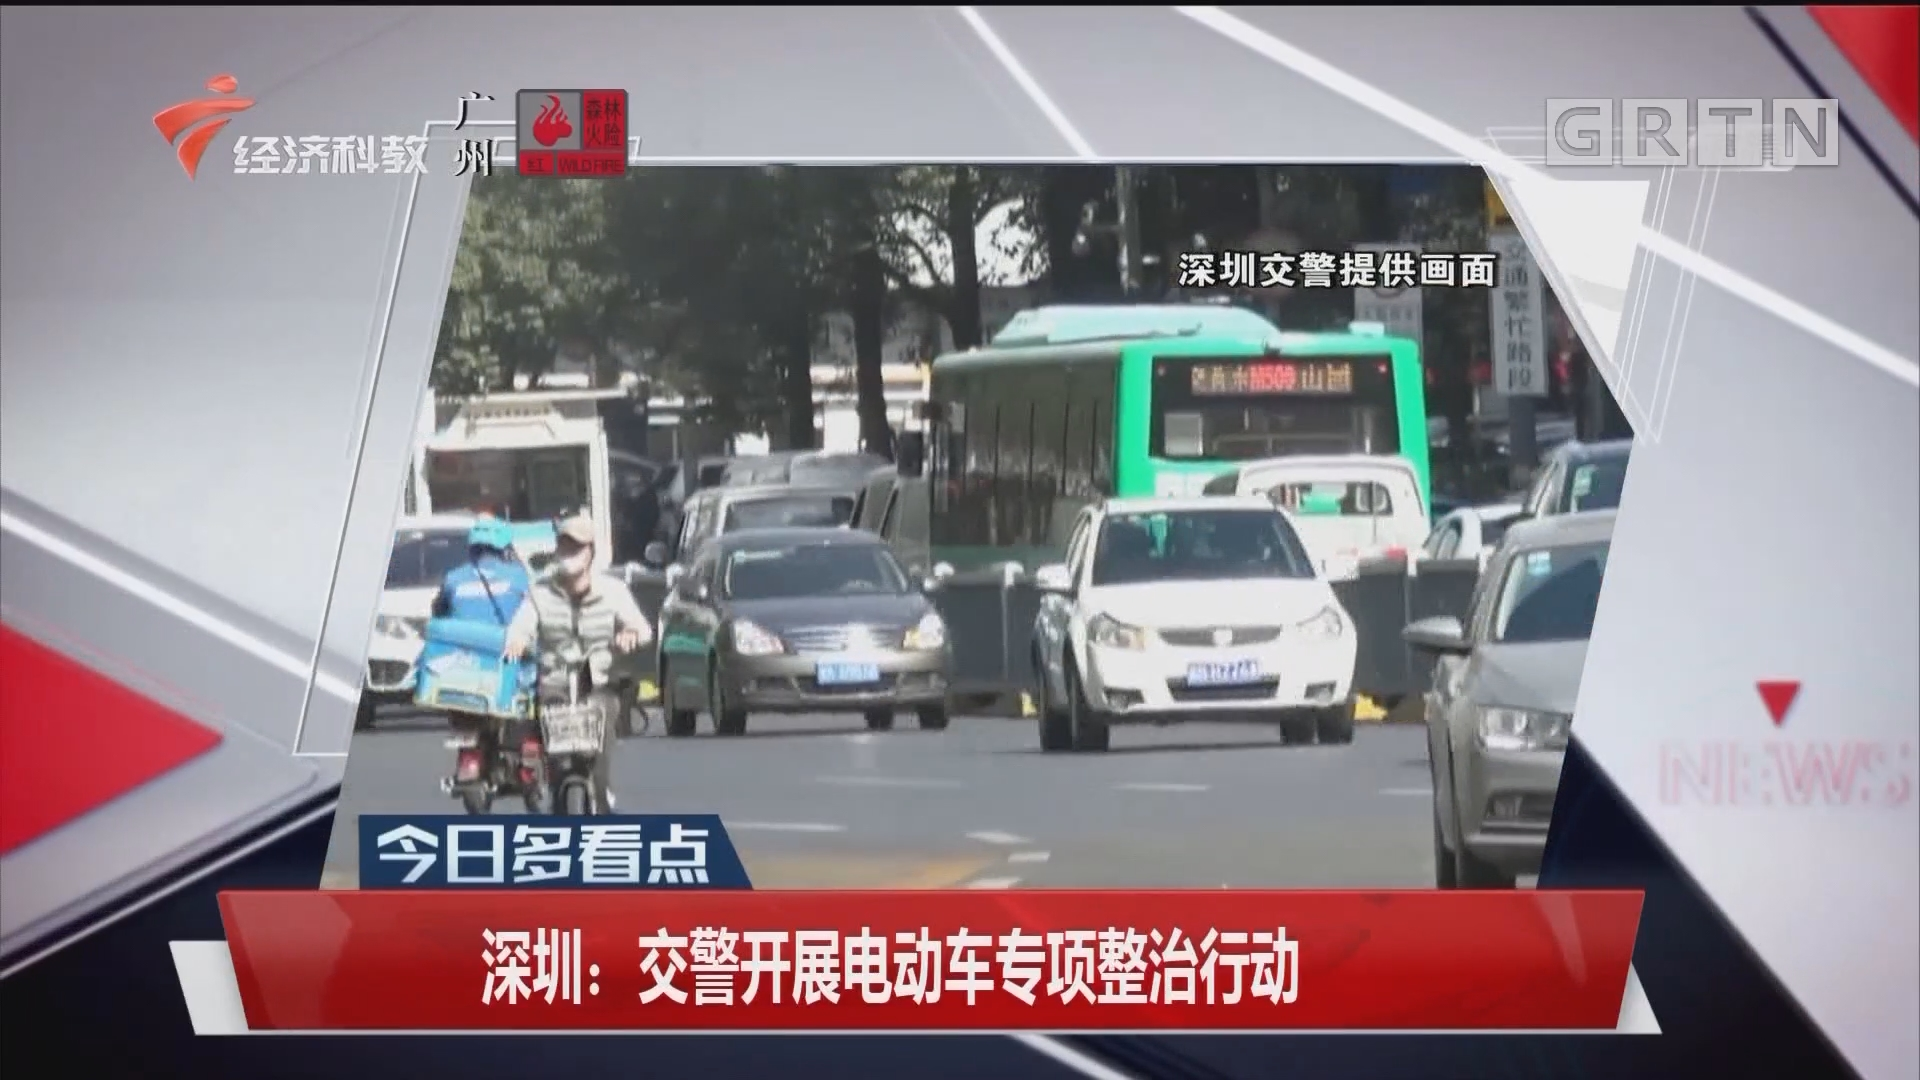 深圳:交警开展电动车专项整治行动